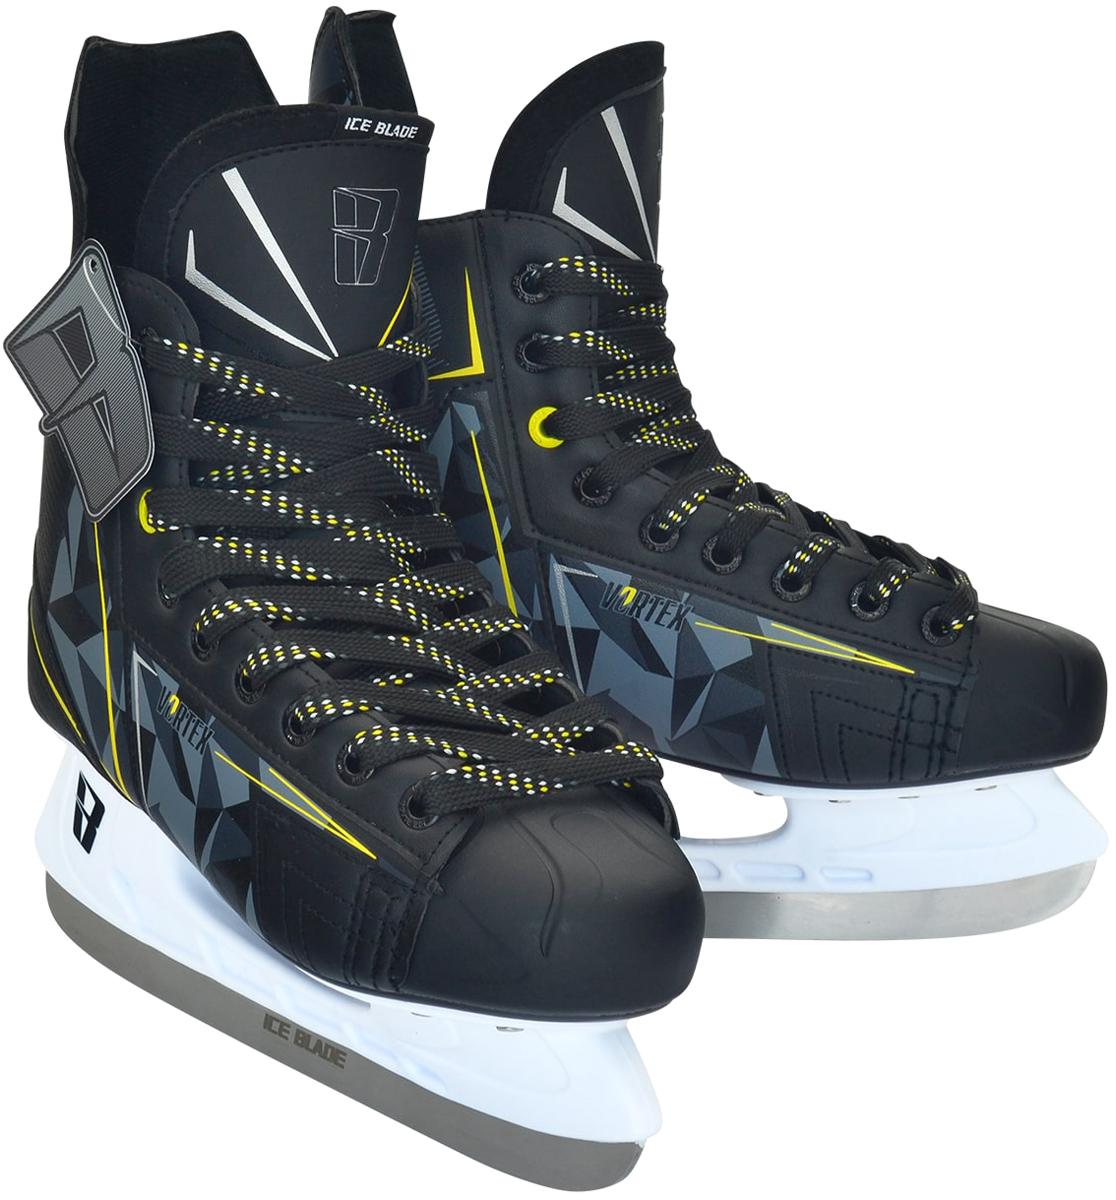 Коньки хоккейные мужские Ice Blade Vortex, цвет: серый, желтый, белый. Размер 40УТ-00010444Хоккейные коньки Ice Blade Vortex являются официальной лицензионной продукцией Континентальной Хоккейной Лиги (КХЛ). Это прекрасная любительская модель коньков с уникальным стильным дизайном, выполненным в новой стилистической концепции КХЛ. В таких коньках Вы будете выделяться на любом катке. Коньки КХЛ Ice Blade Vortex - это прекрасный подарок для любого любителя хоккея! Усиленная жесткость ботинка, износостойкие материалы, устойчивые к порезам, дополнительные вставки из EVA и MEMORY foam не только продлевают срок службы, но и повышают комфорт во время катания.Коньки поставляются в стильной коробке и с заводской заточкой лезвия, что позволяет сразу приступить к катанию, не тратя времени и денег на заточку. Коньки подходят для использования на открытом и закрытом льду.Основные характеристики: Назначение: хоккейные конькиТип фиксации: шнуркиРазмеры: 36, 37, 38, 39, 40, 41, 42, 43, 44, 45, 46, 47Цвет: черный, серый, желтыйДополнительные характеристики:Материал ботинка: искусственная кожа, высокопрочная нейлоновая ткань, ударостойкий пластикВнутренняя отделка: текстильные материалыЛезвие: выполнено из высокоуглеродистой стали с покрытием из никеляУпаковка: красочная коробка Дополнительно: гарантия 1 год